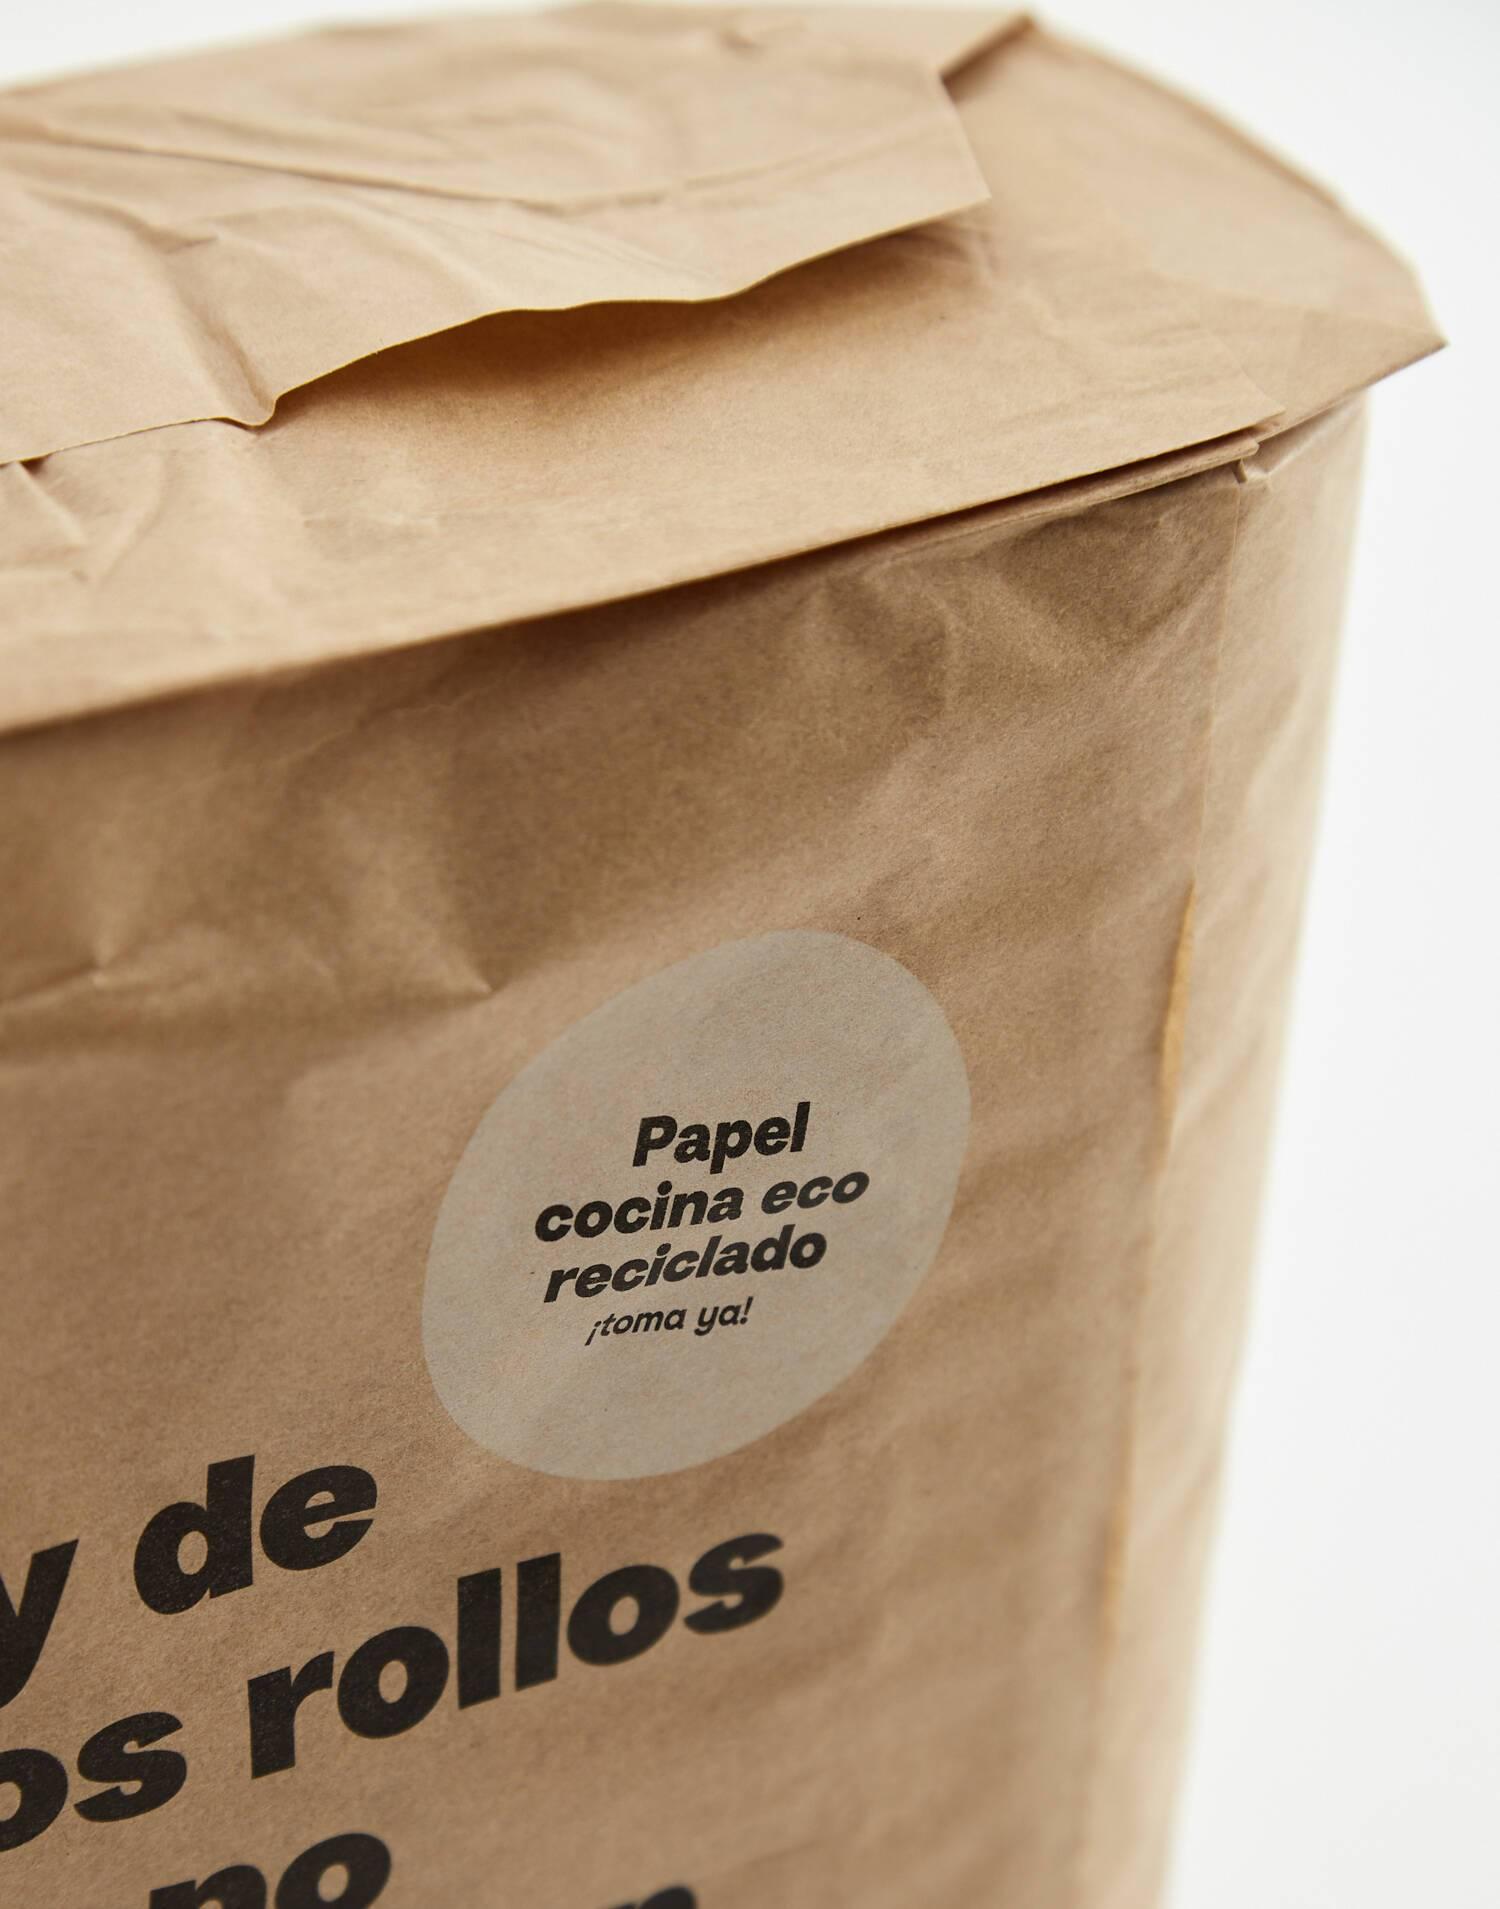 Papel cocina eco-reciclado 2 rollos